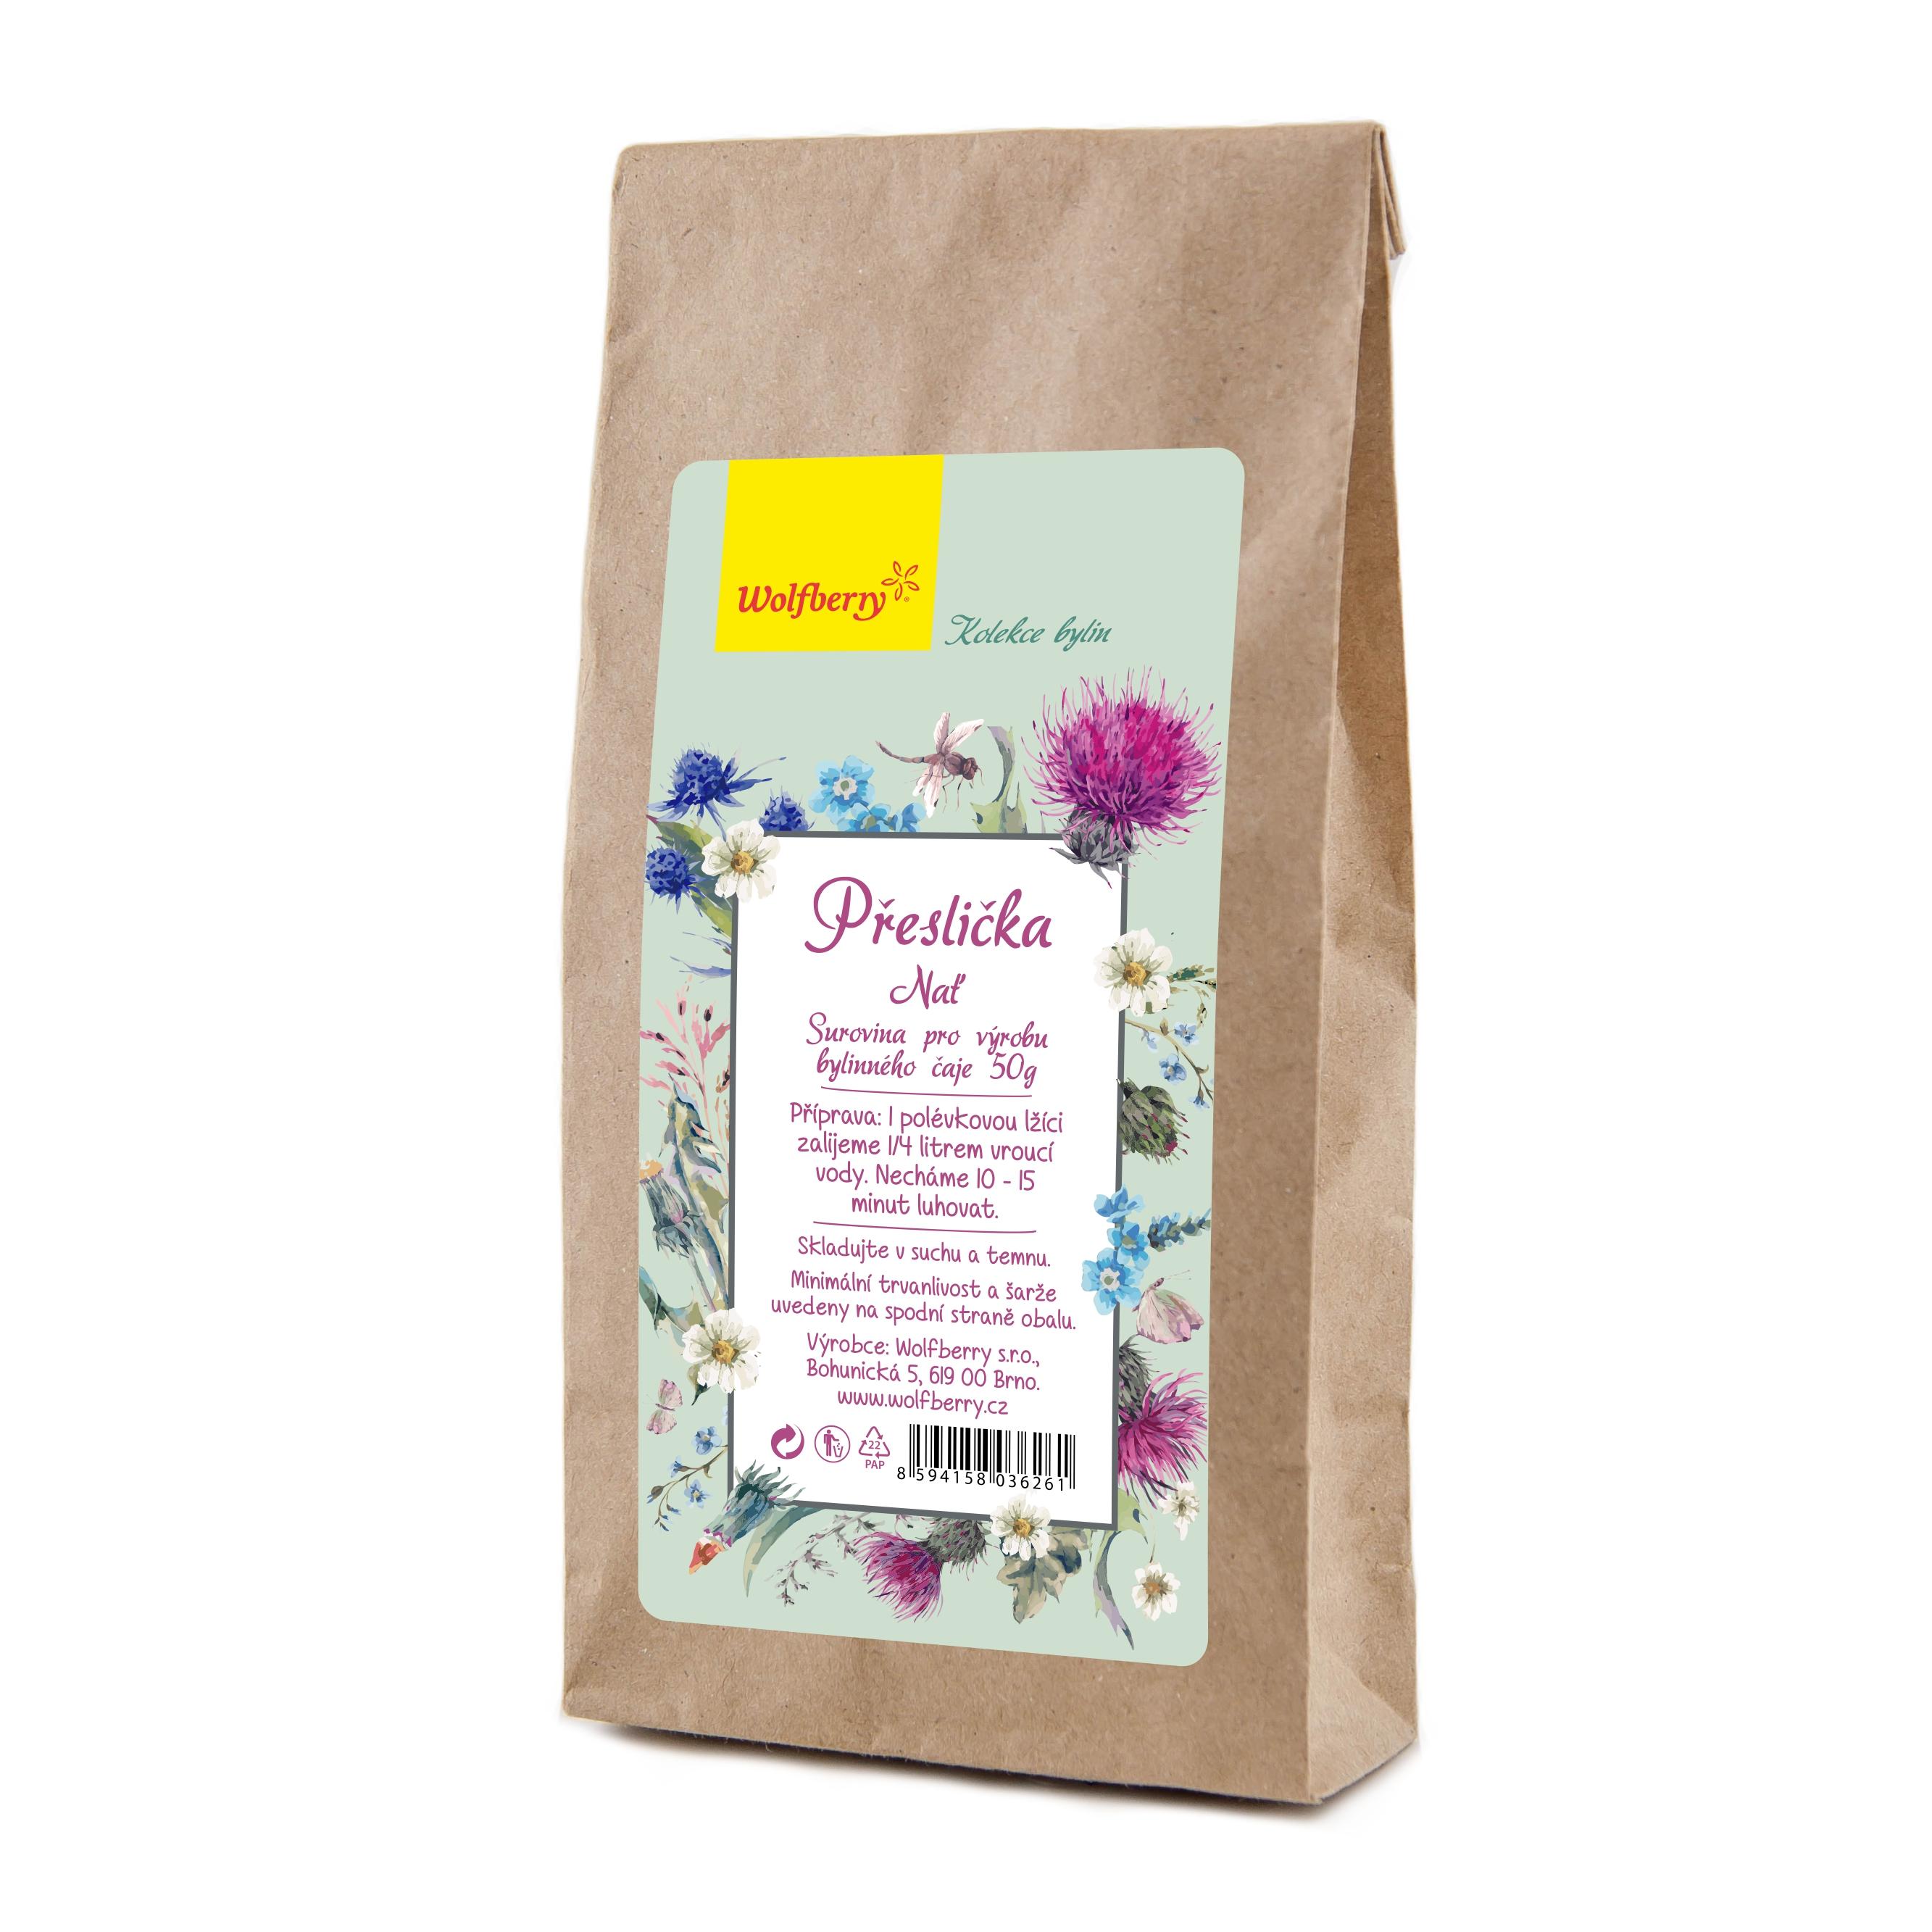 Praslička vňať bylinný čaj 50 g Wolfberry